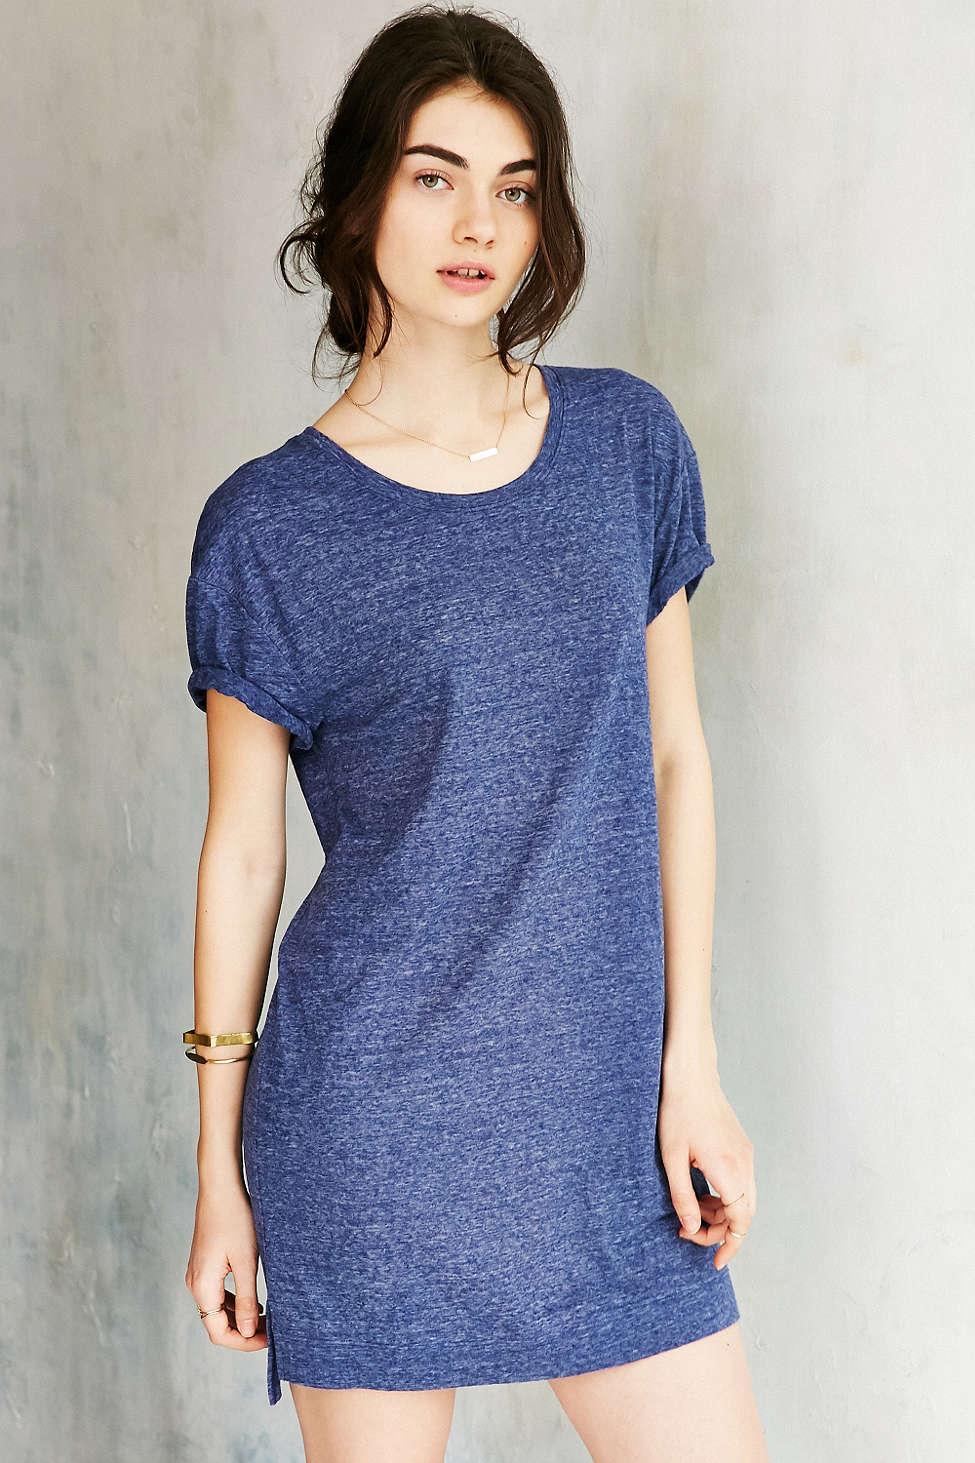 Bdg Estelle Boyfriend T Shirt Dress Nouveaute Boutique